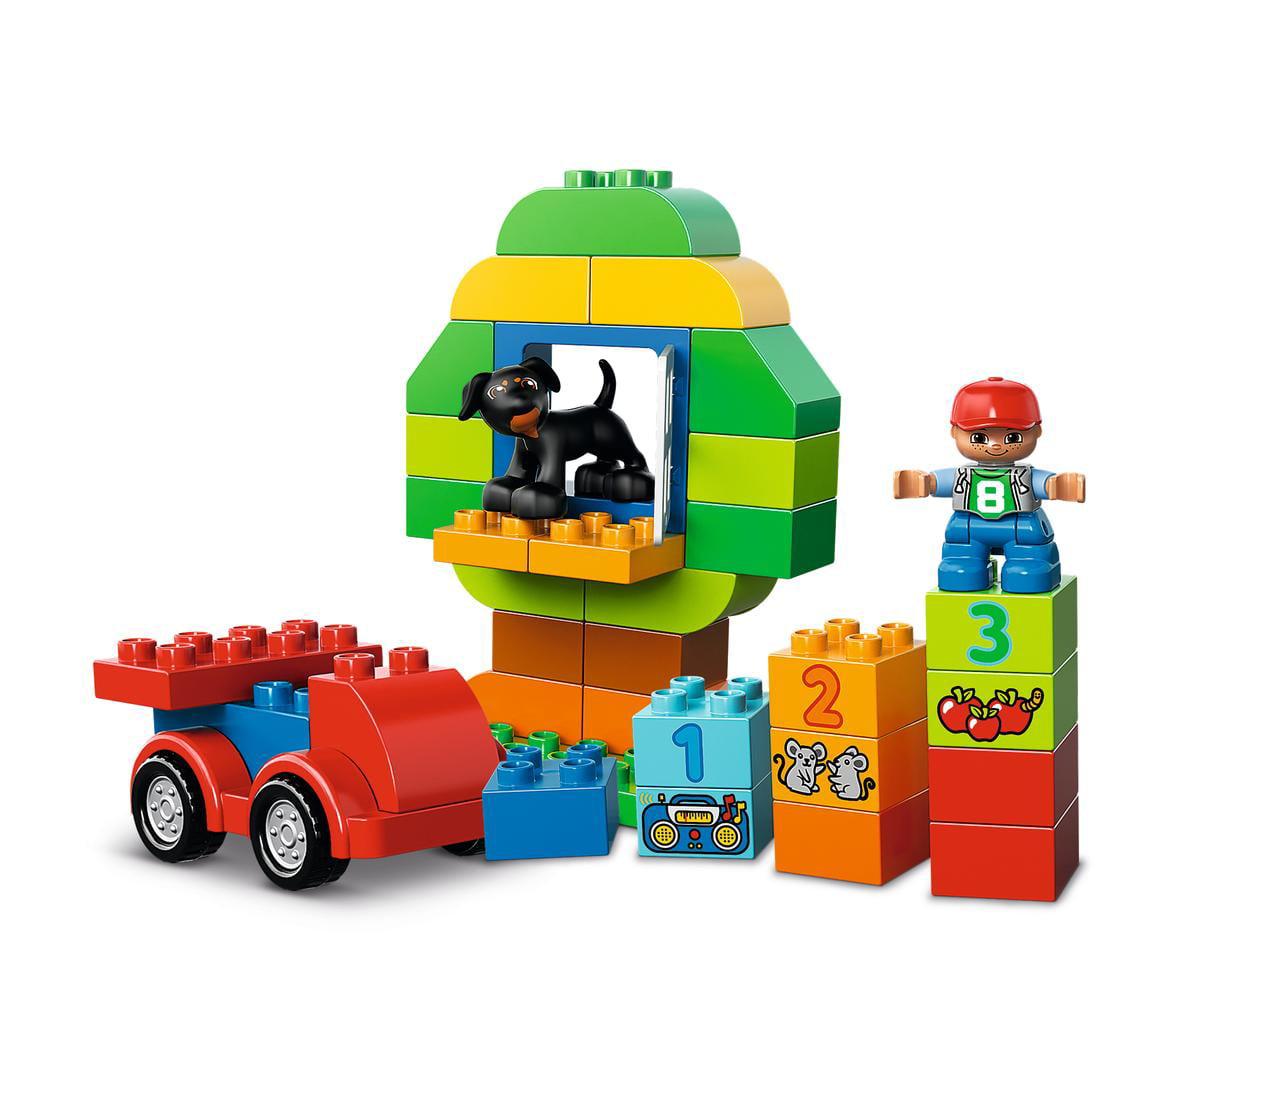 Lego 10572 Duplo Mon premier tous dans une boîte de Fun Brique Set simple jouet de conservation,